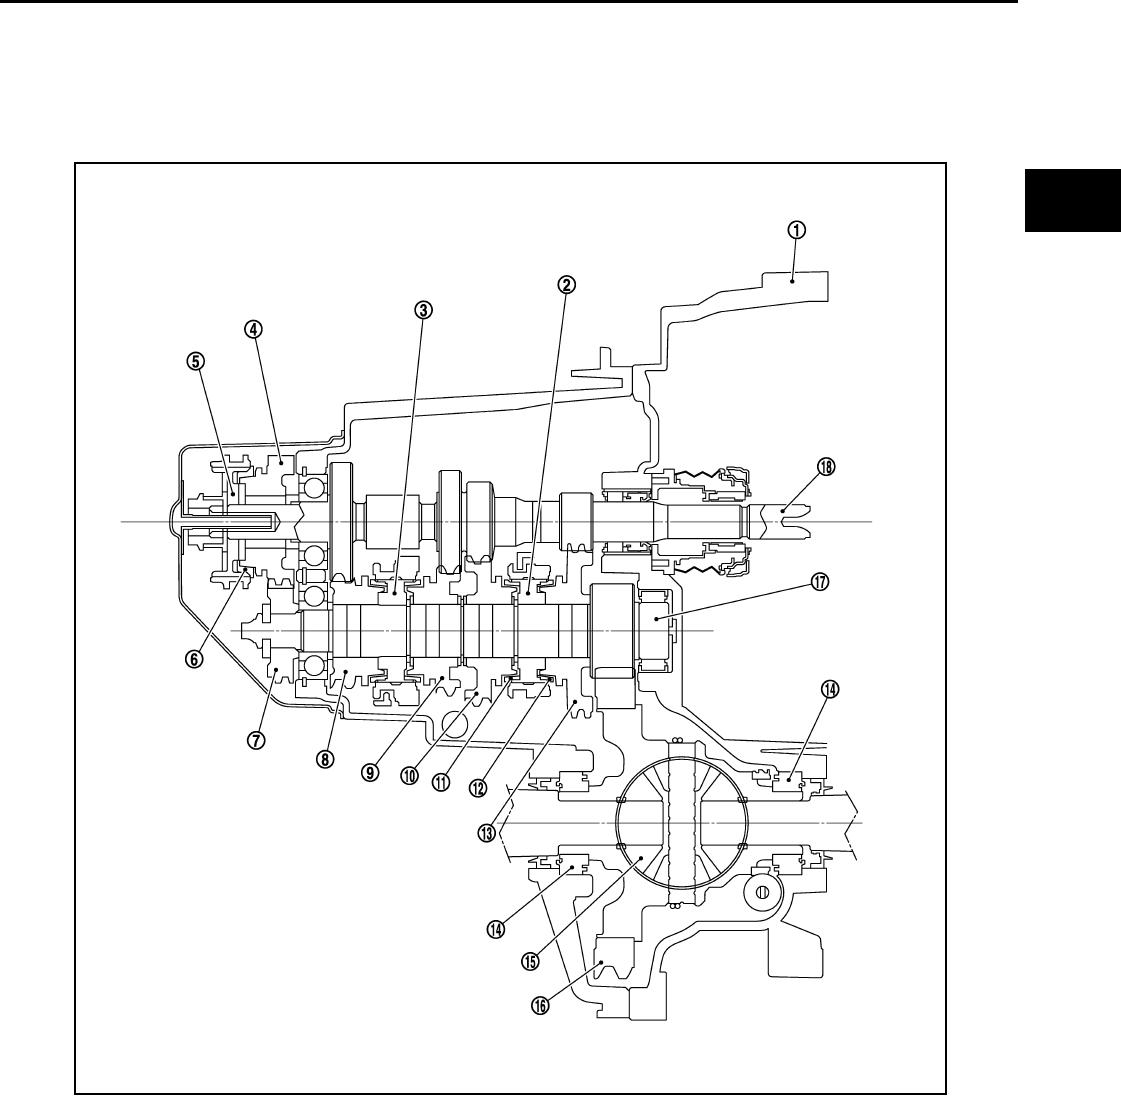 Nissan 2011 Versa Owners Manual Sm1e 1c11u0mt Diagrams Mt82 Transmission Description